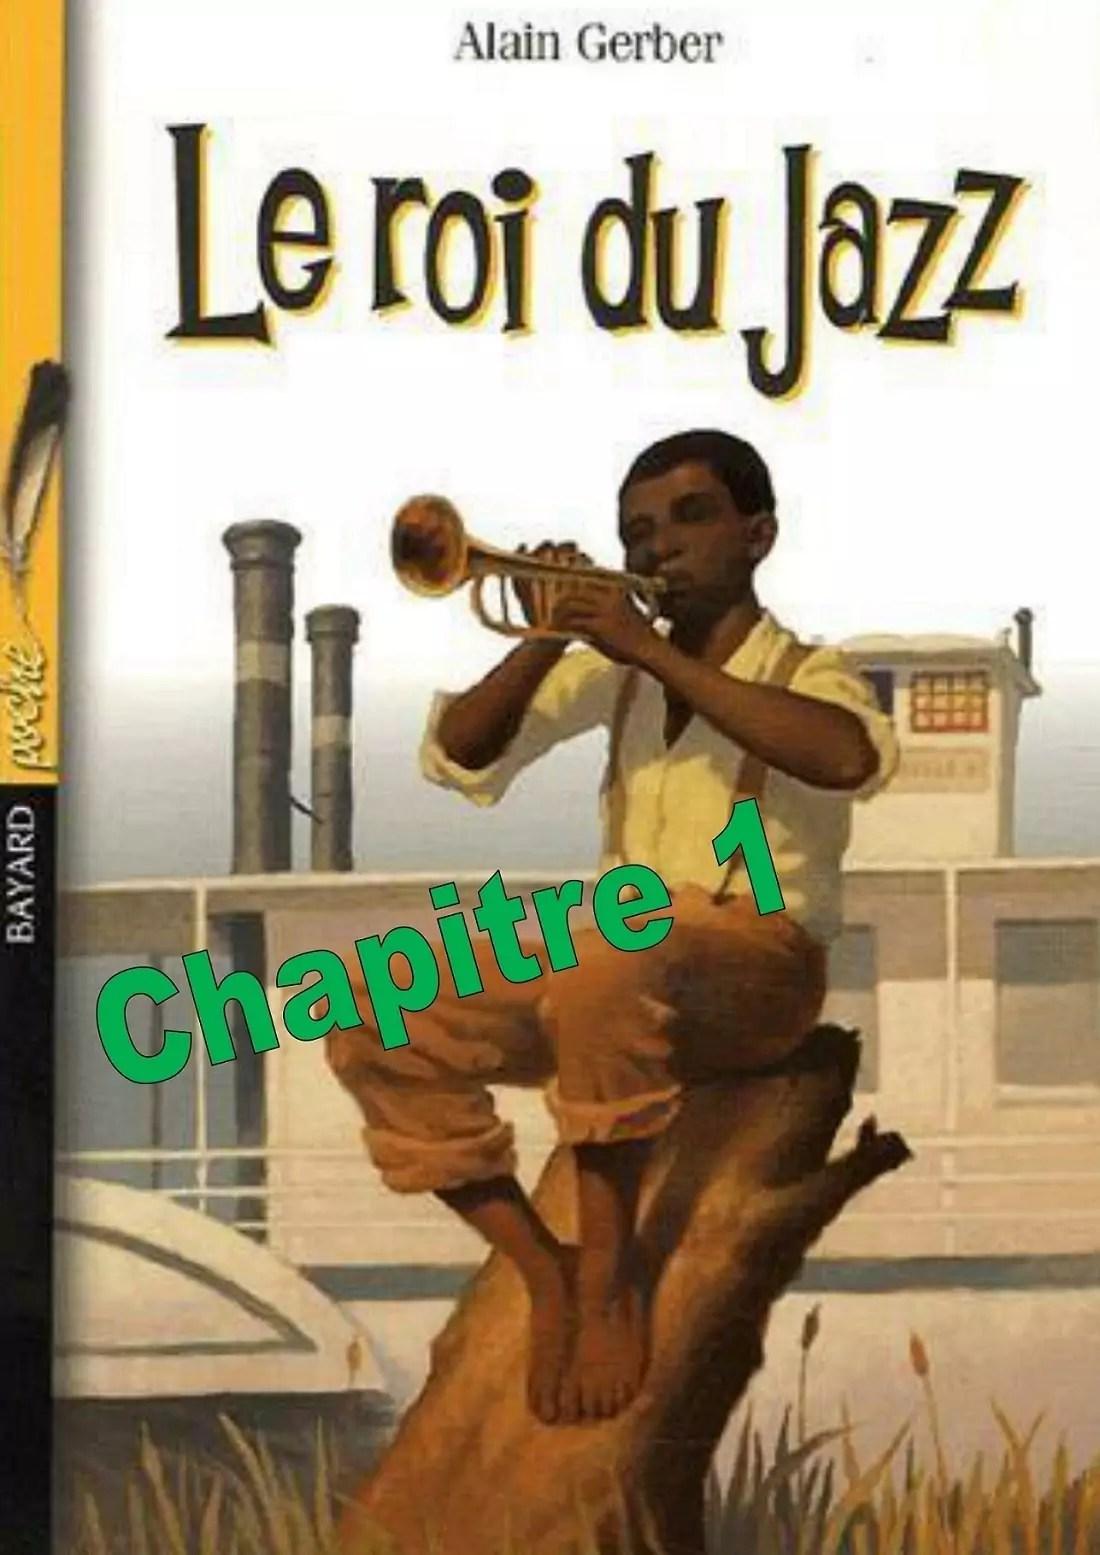 Testez Vous Sur Ce Quiz Le Roi Du Jazz D Alain Gerber Chapitre 1